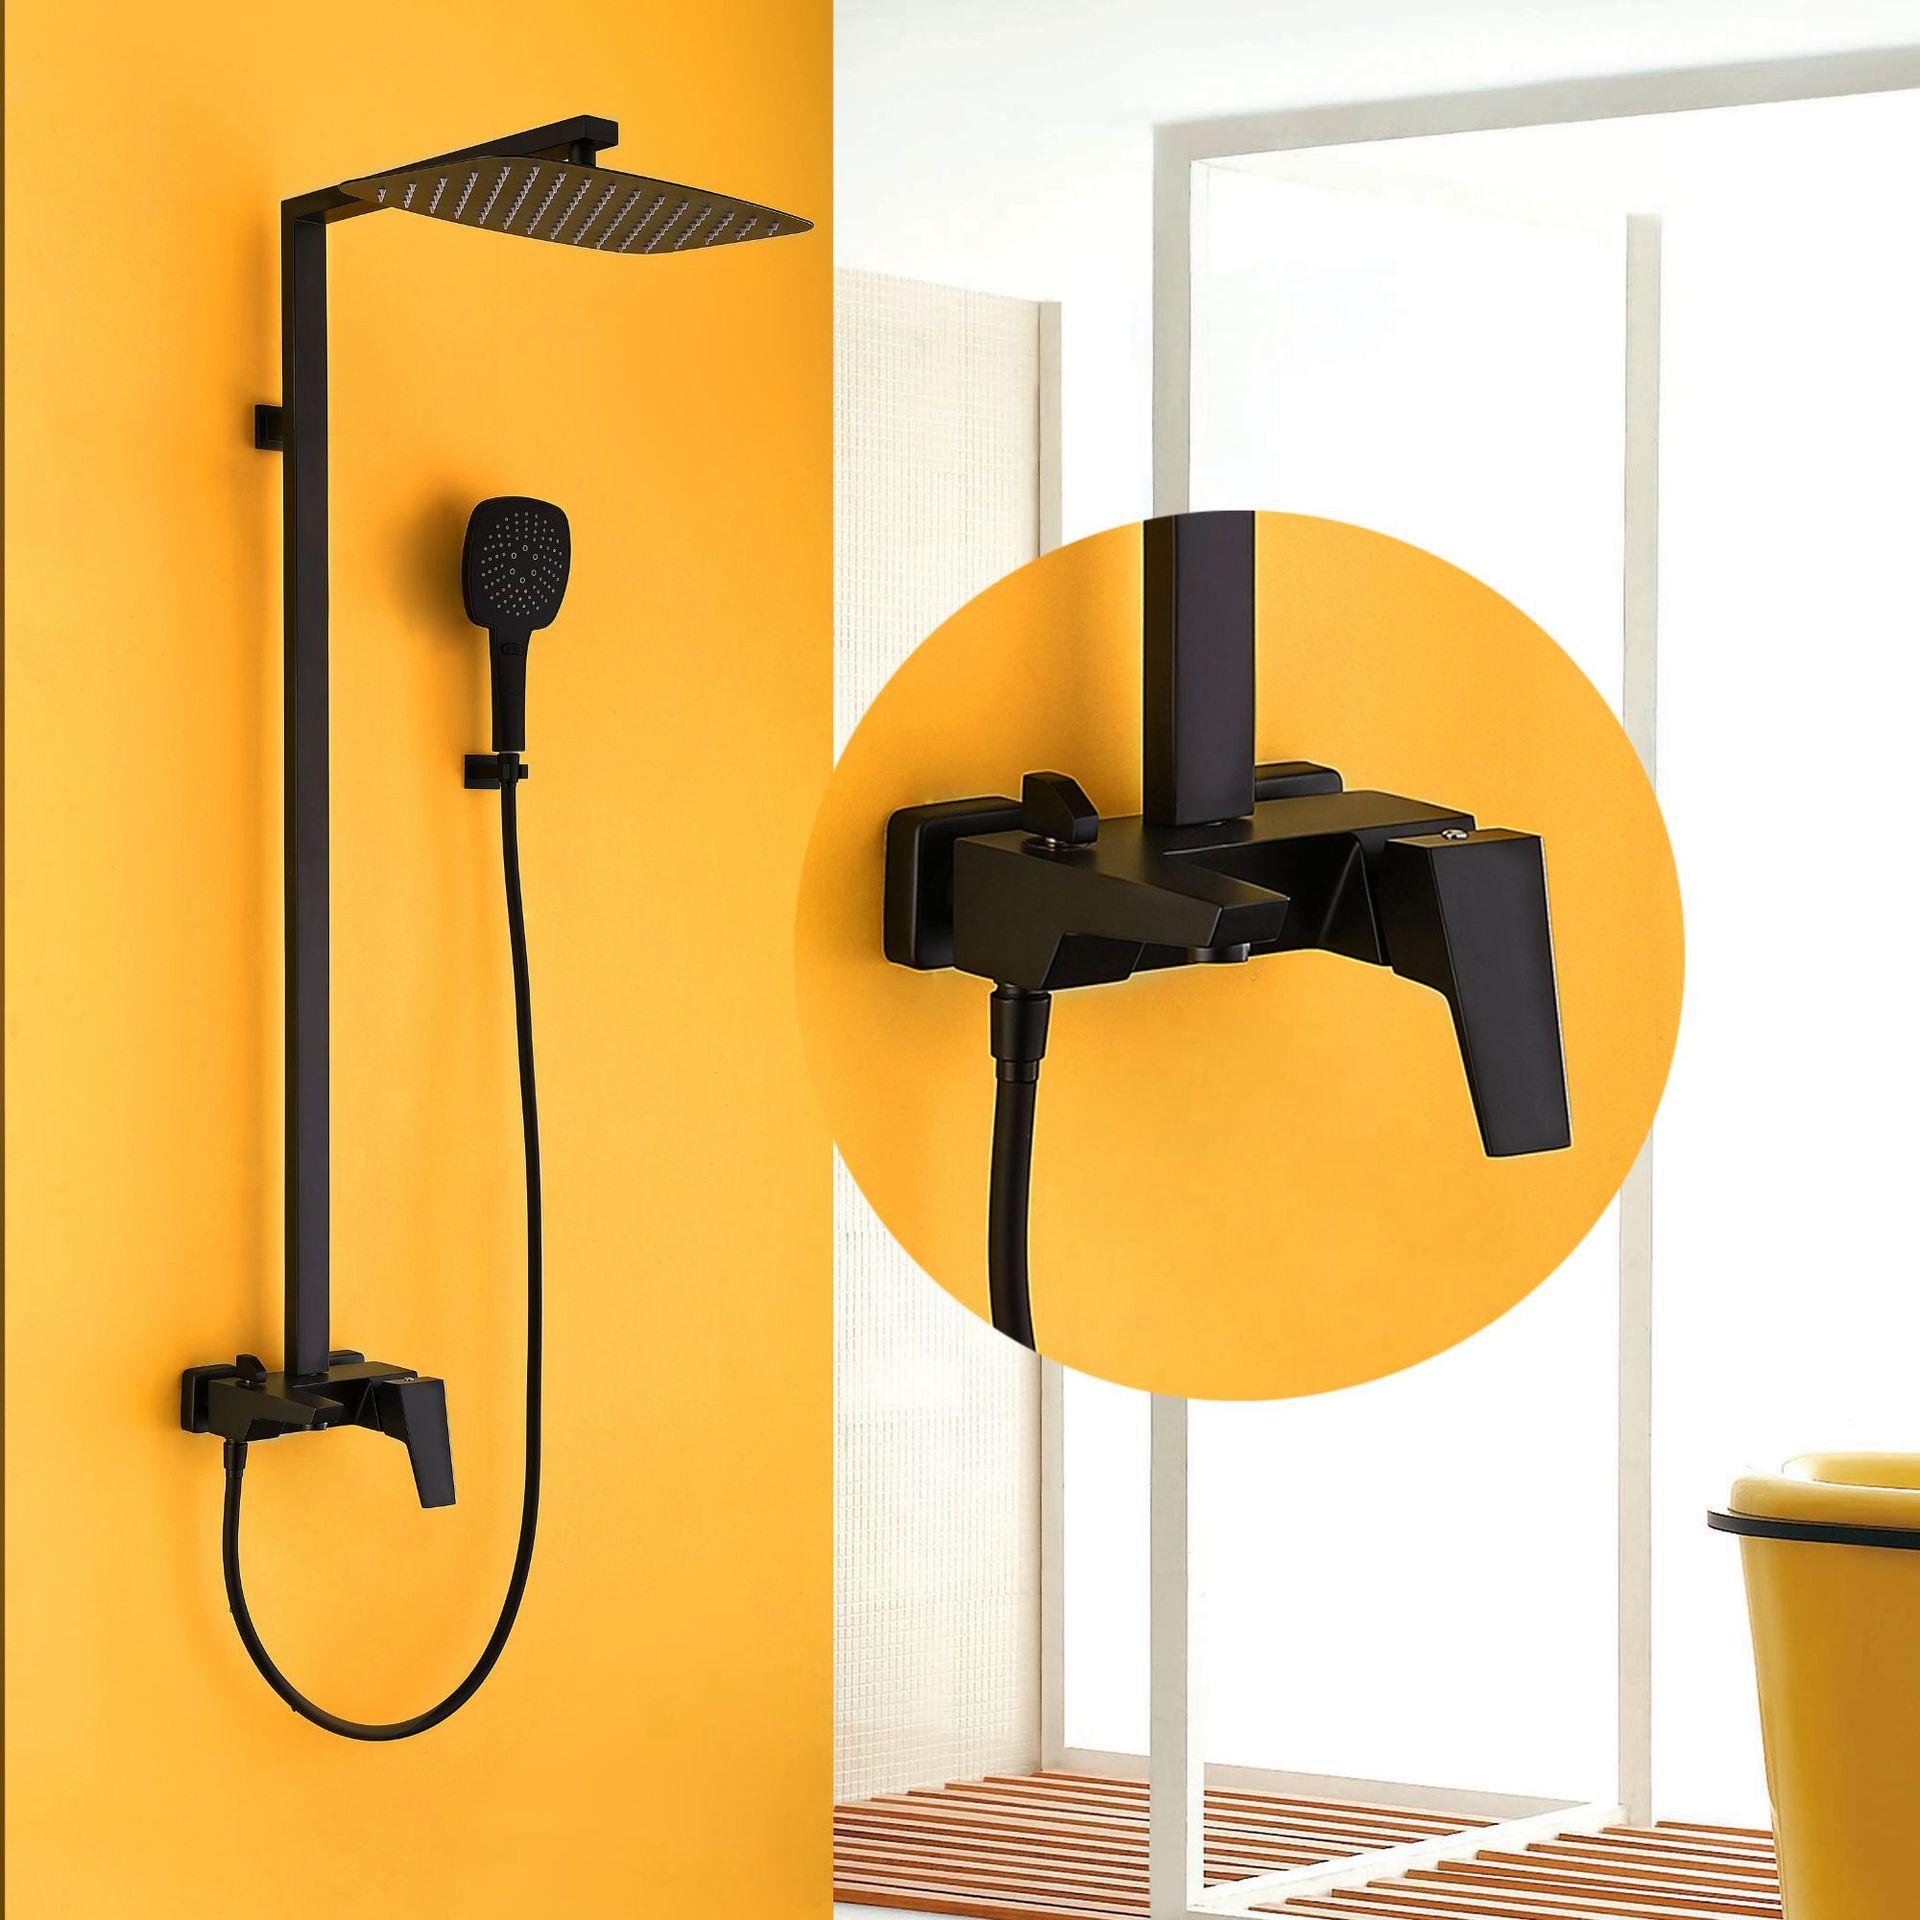 Nouveau robinet de douche de luxe haut de gamme robinet de douche chaude et froide robinet noir